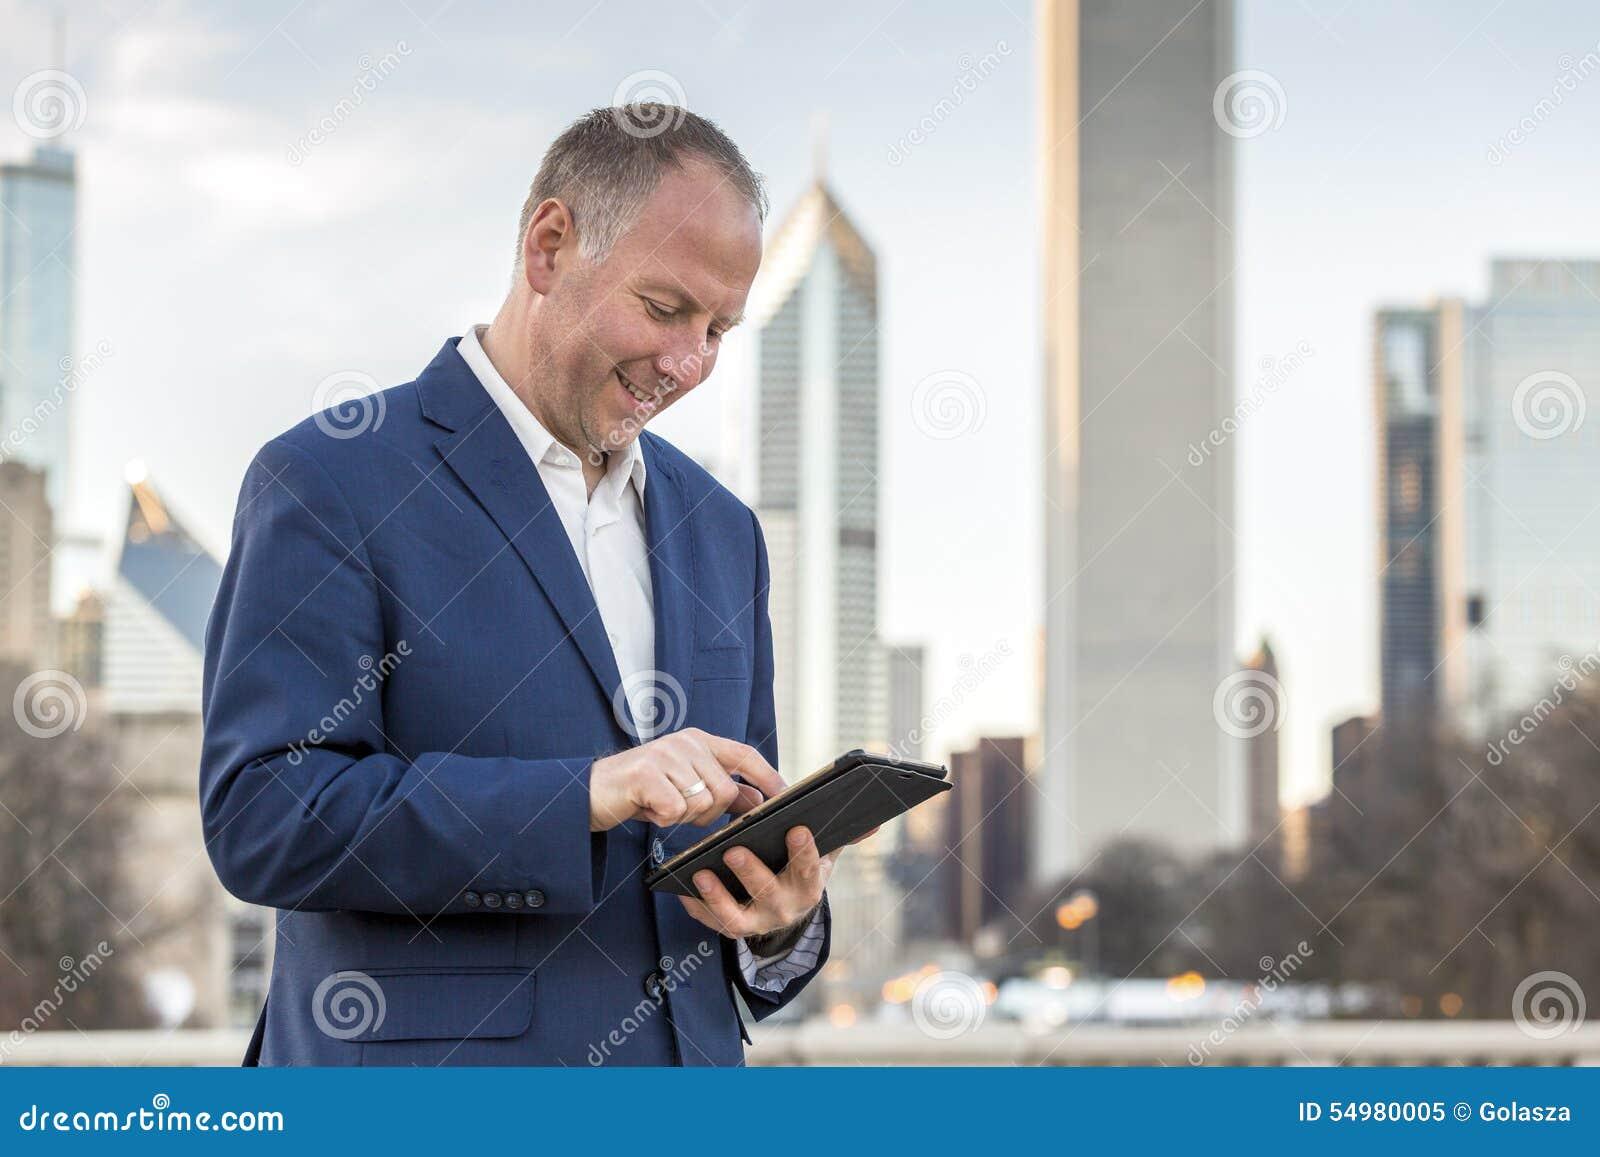 Επιχειρηματίας με την ταμπλέτα μπροστά από τα κτίρια γραφείων